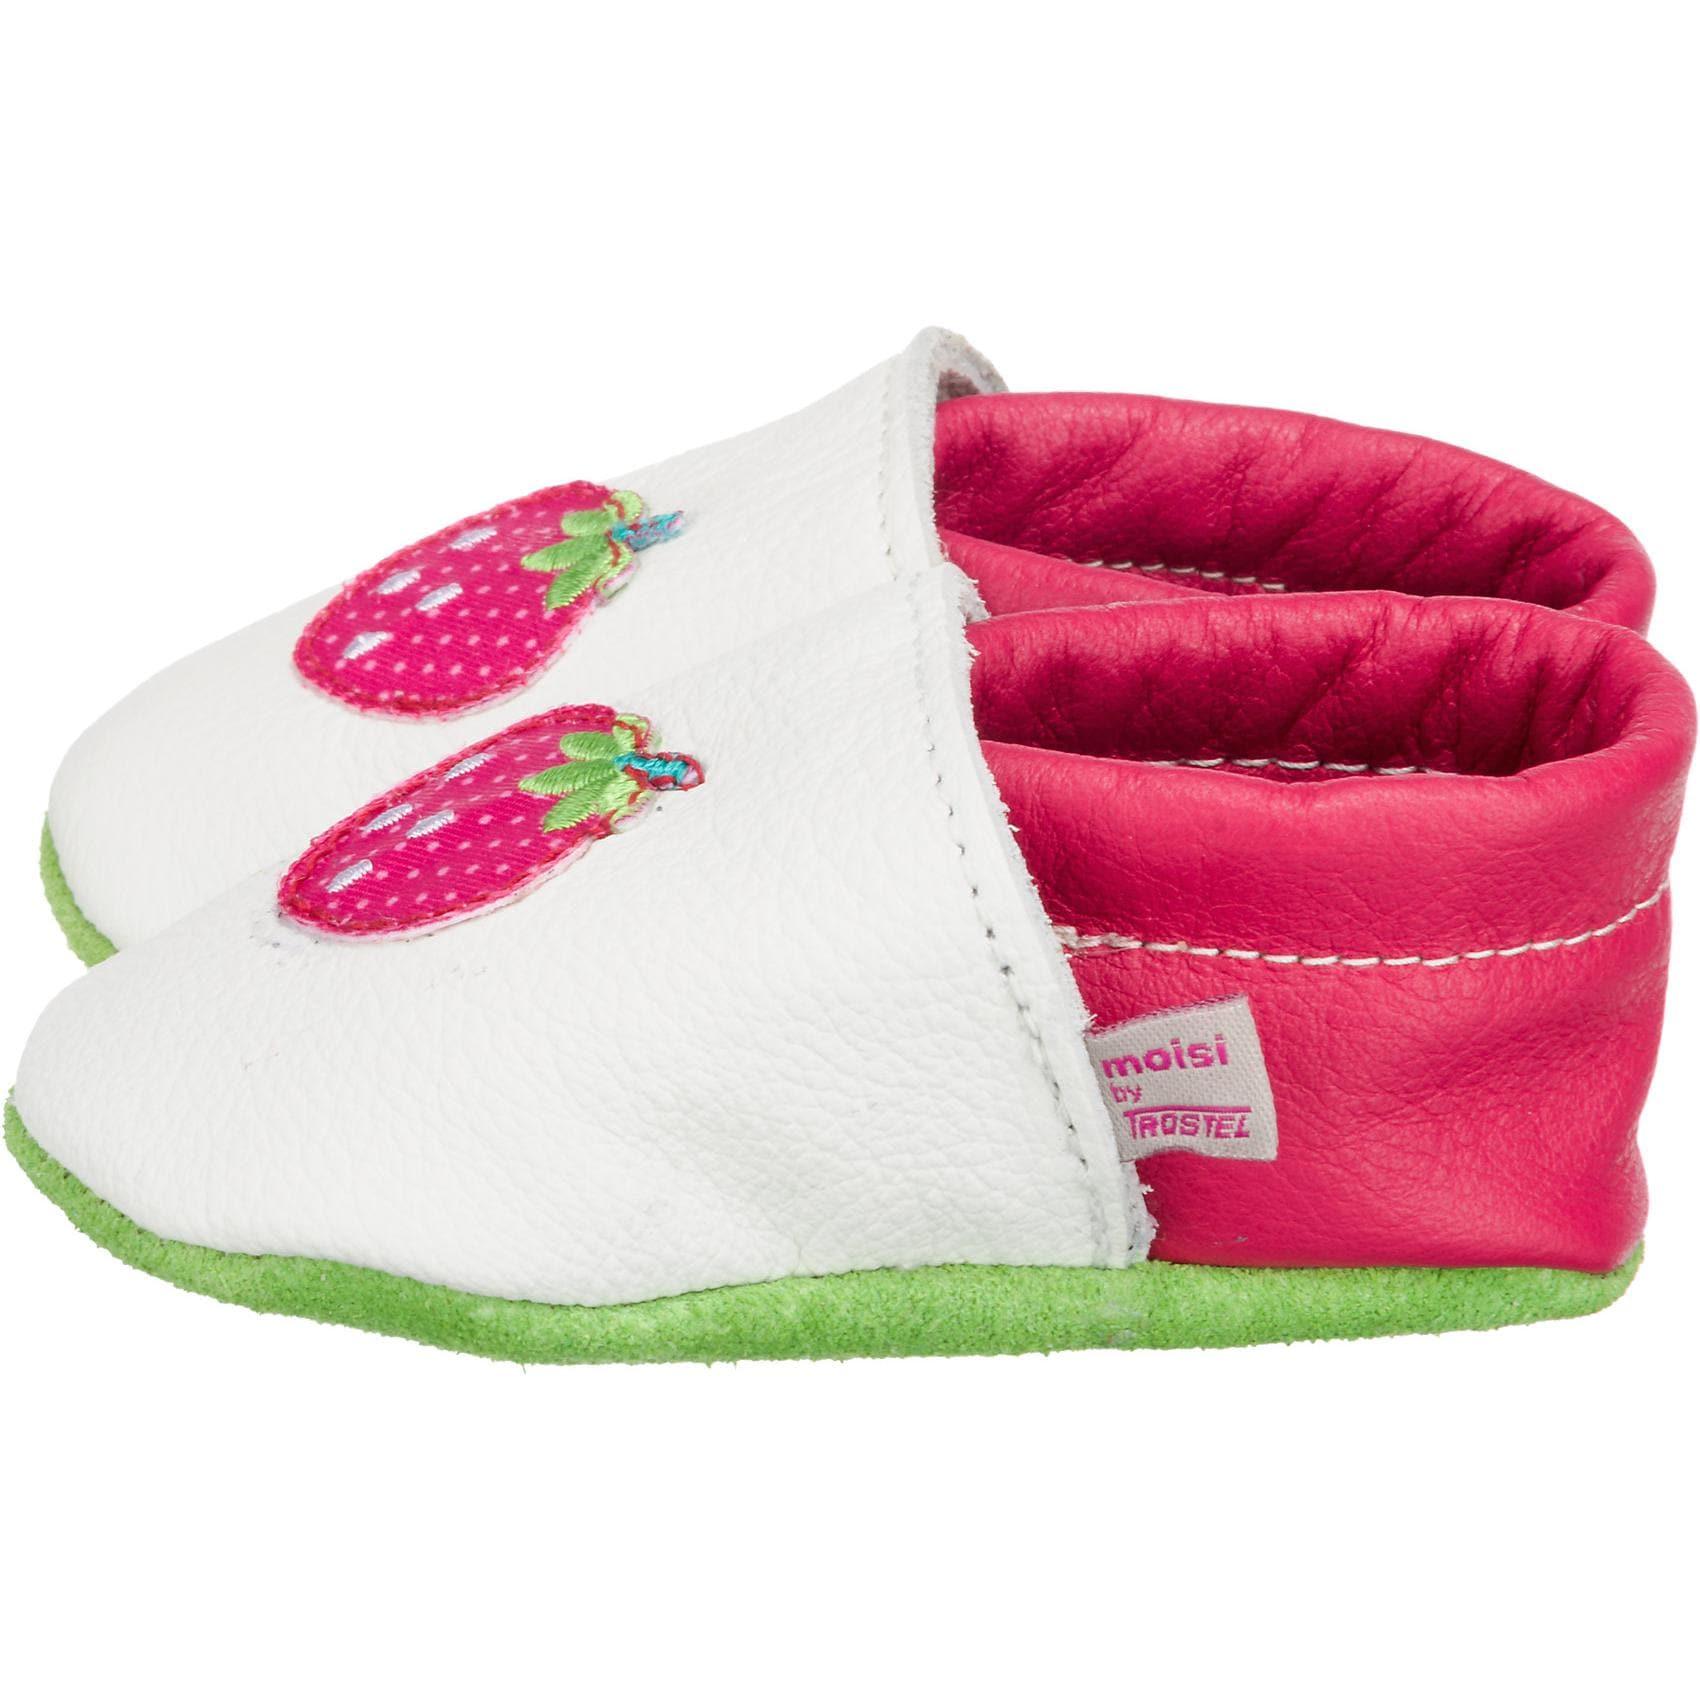 Trostel Krabbelschuhe für Mädchen Erdbeere